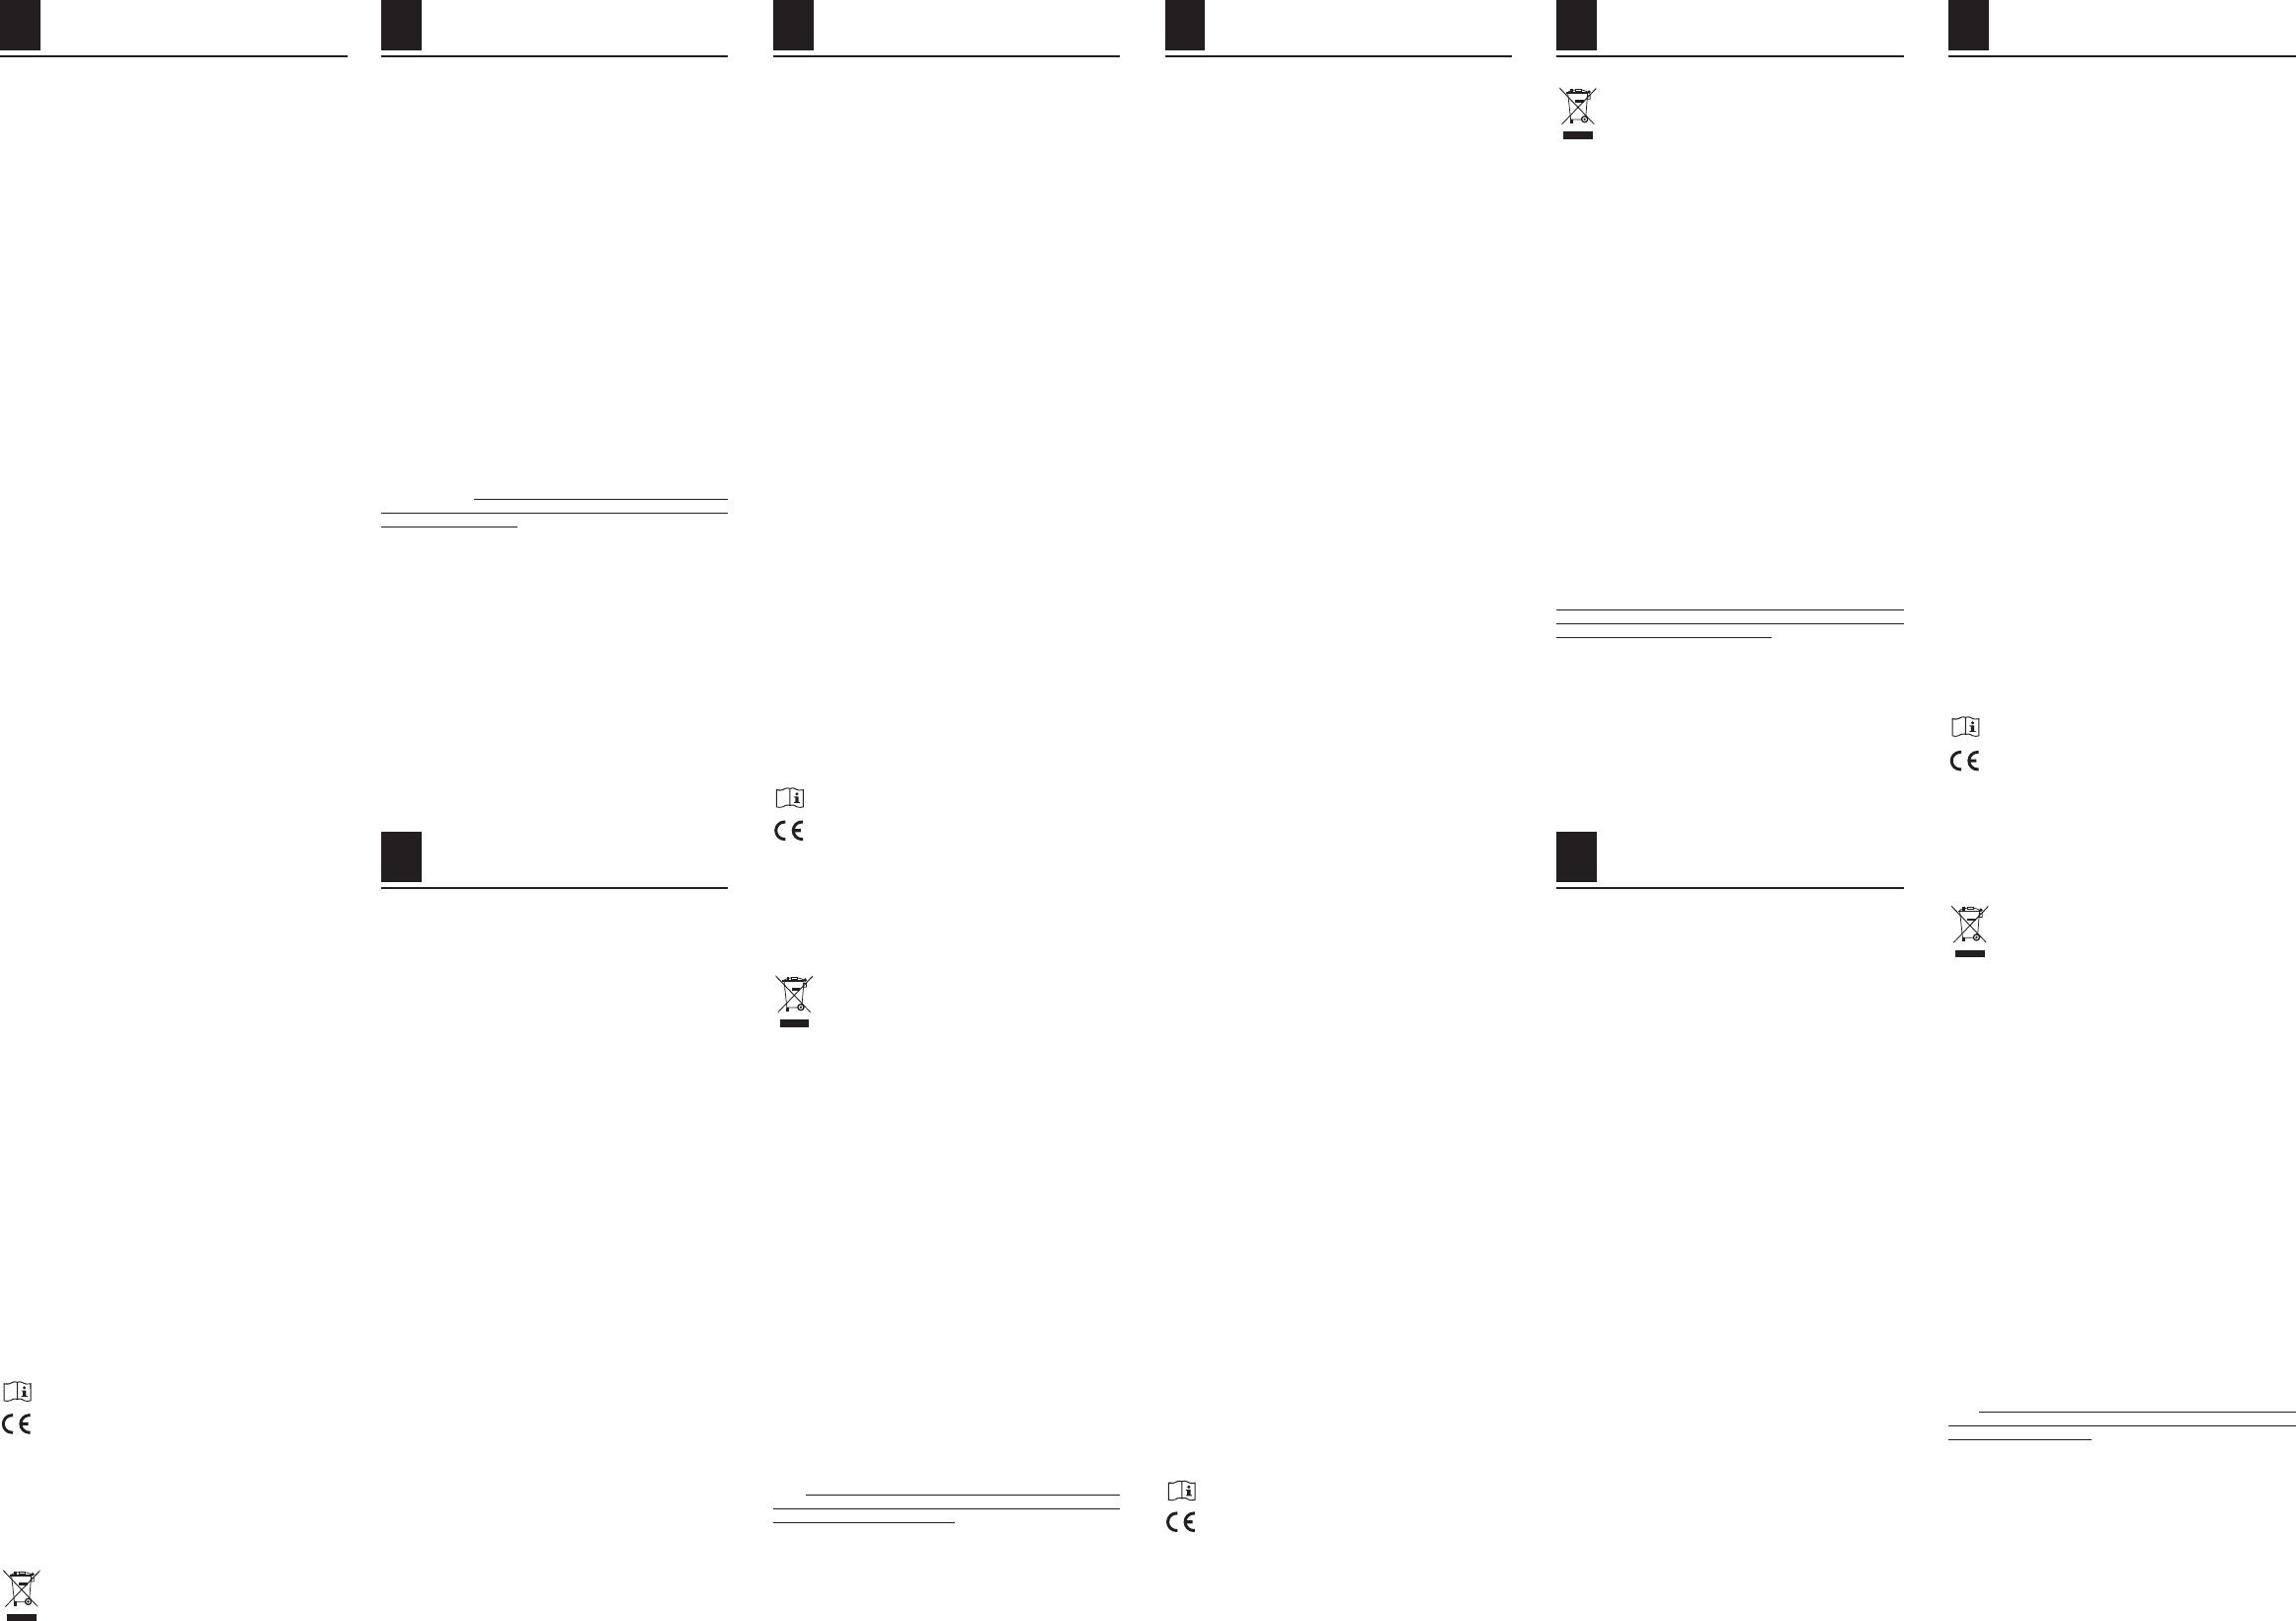 Bedienungsanleitung Laica Bx9310 Seite 1 Von 2 Deutsch